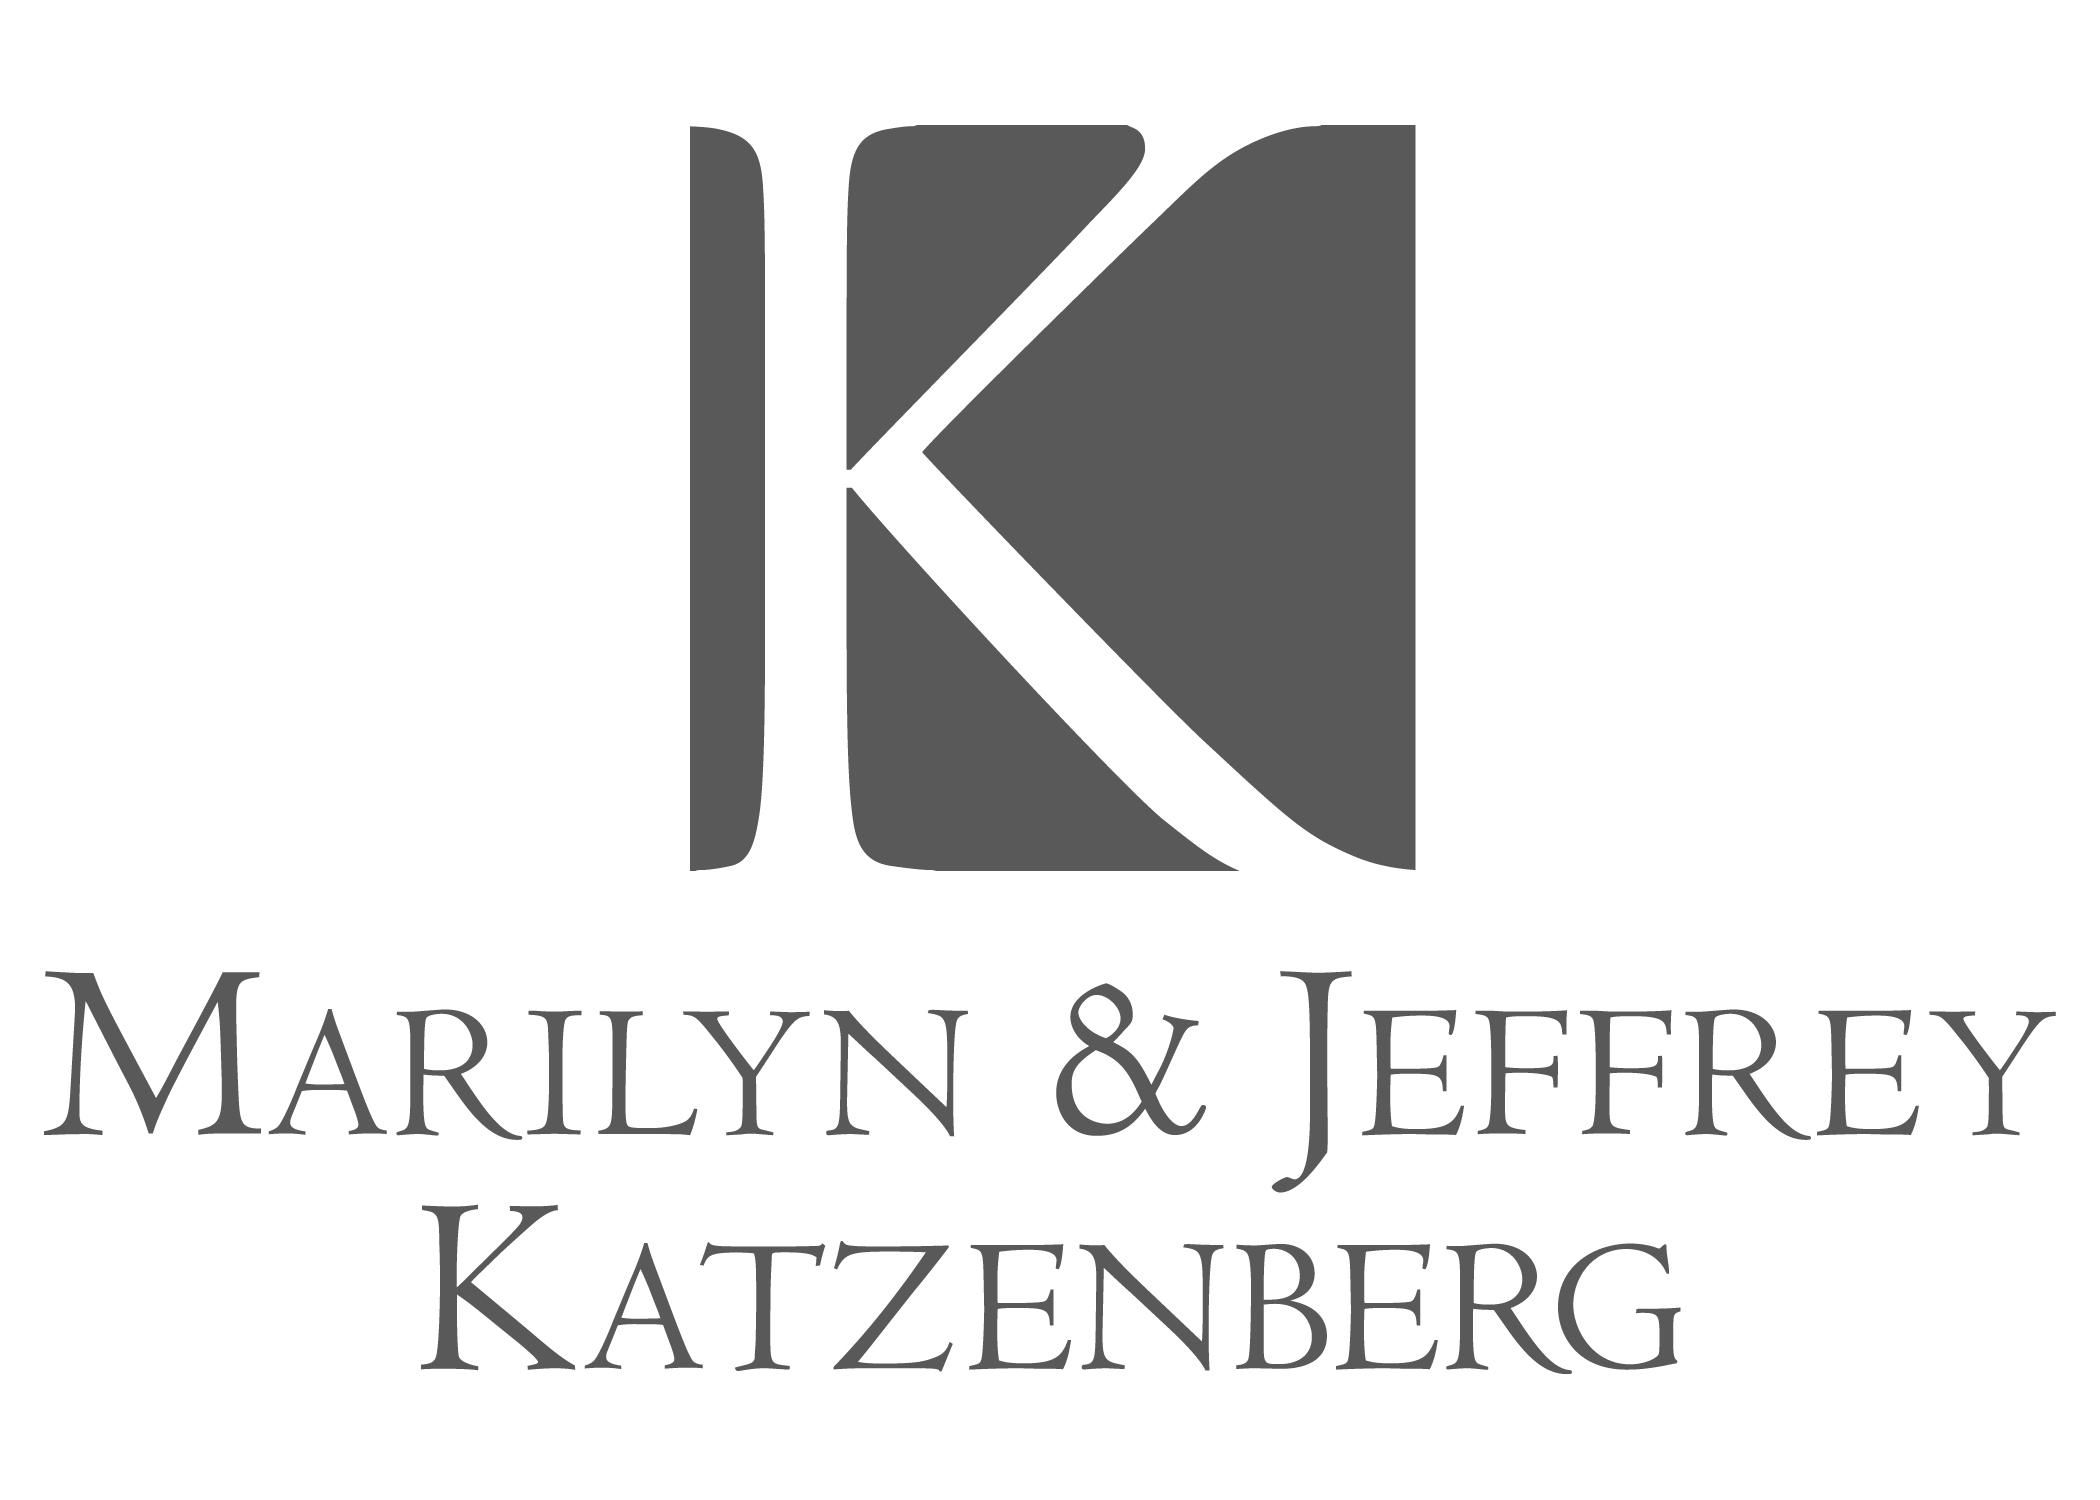 Marilyn & Jeffrey Katzenberg